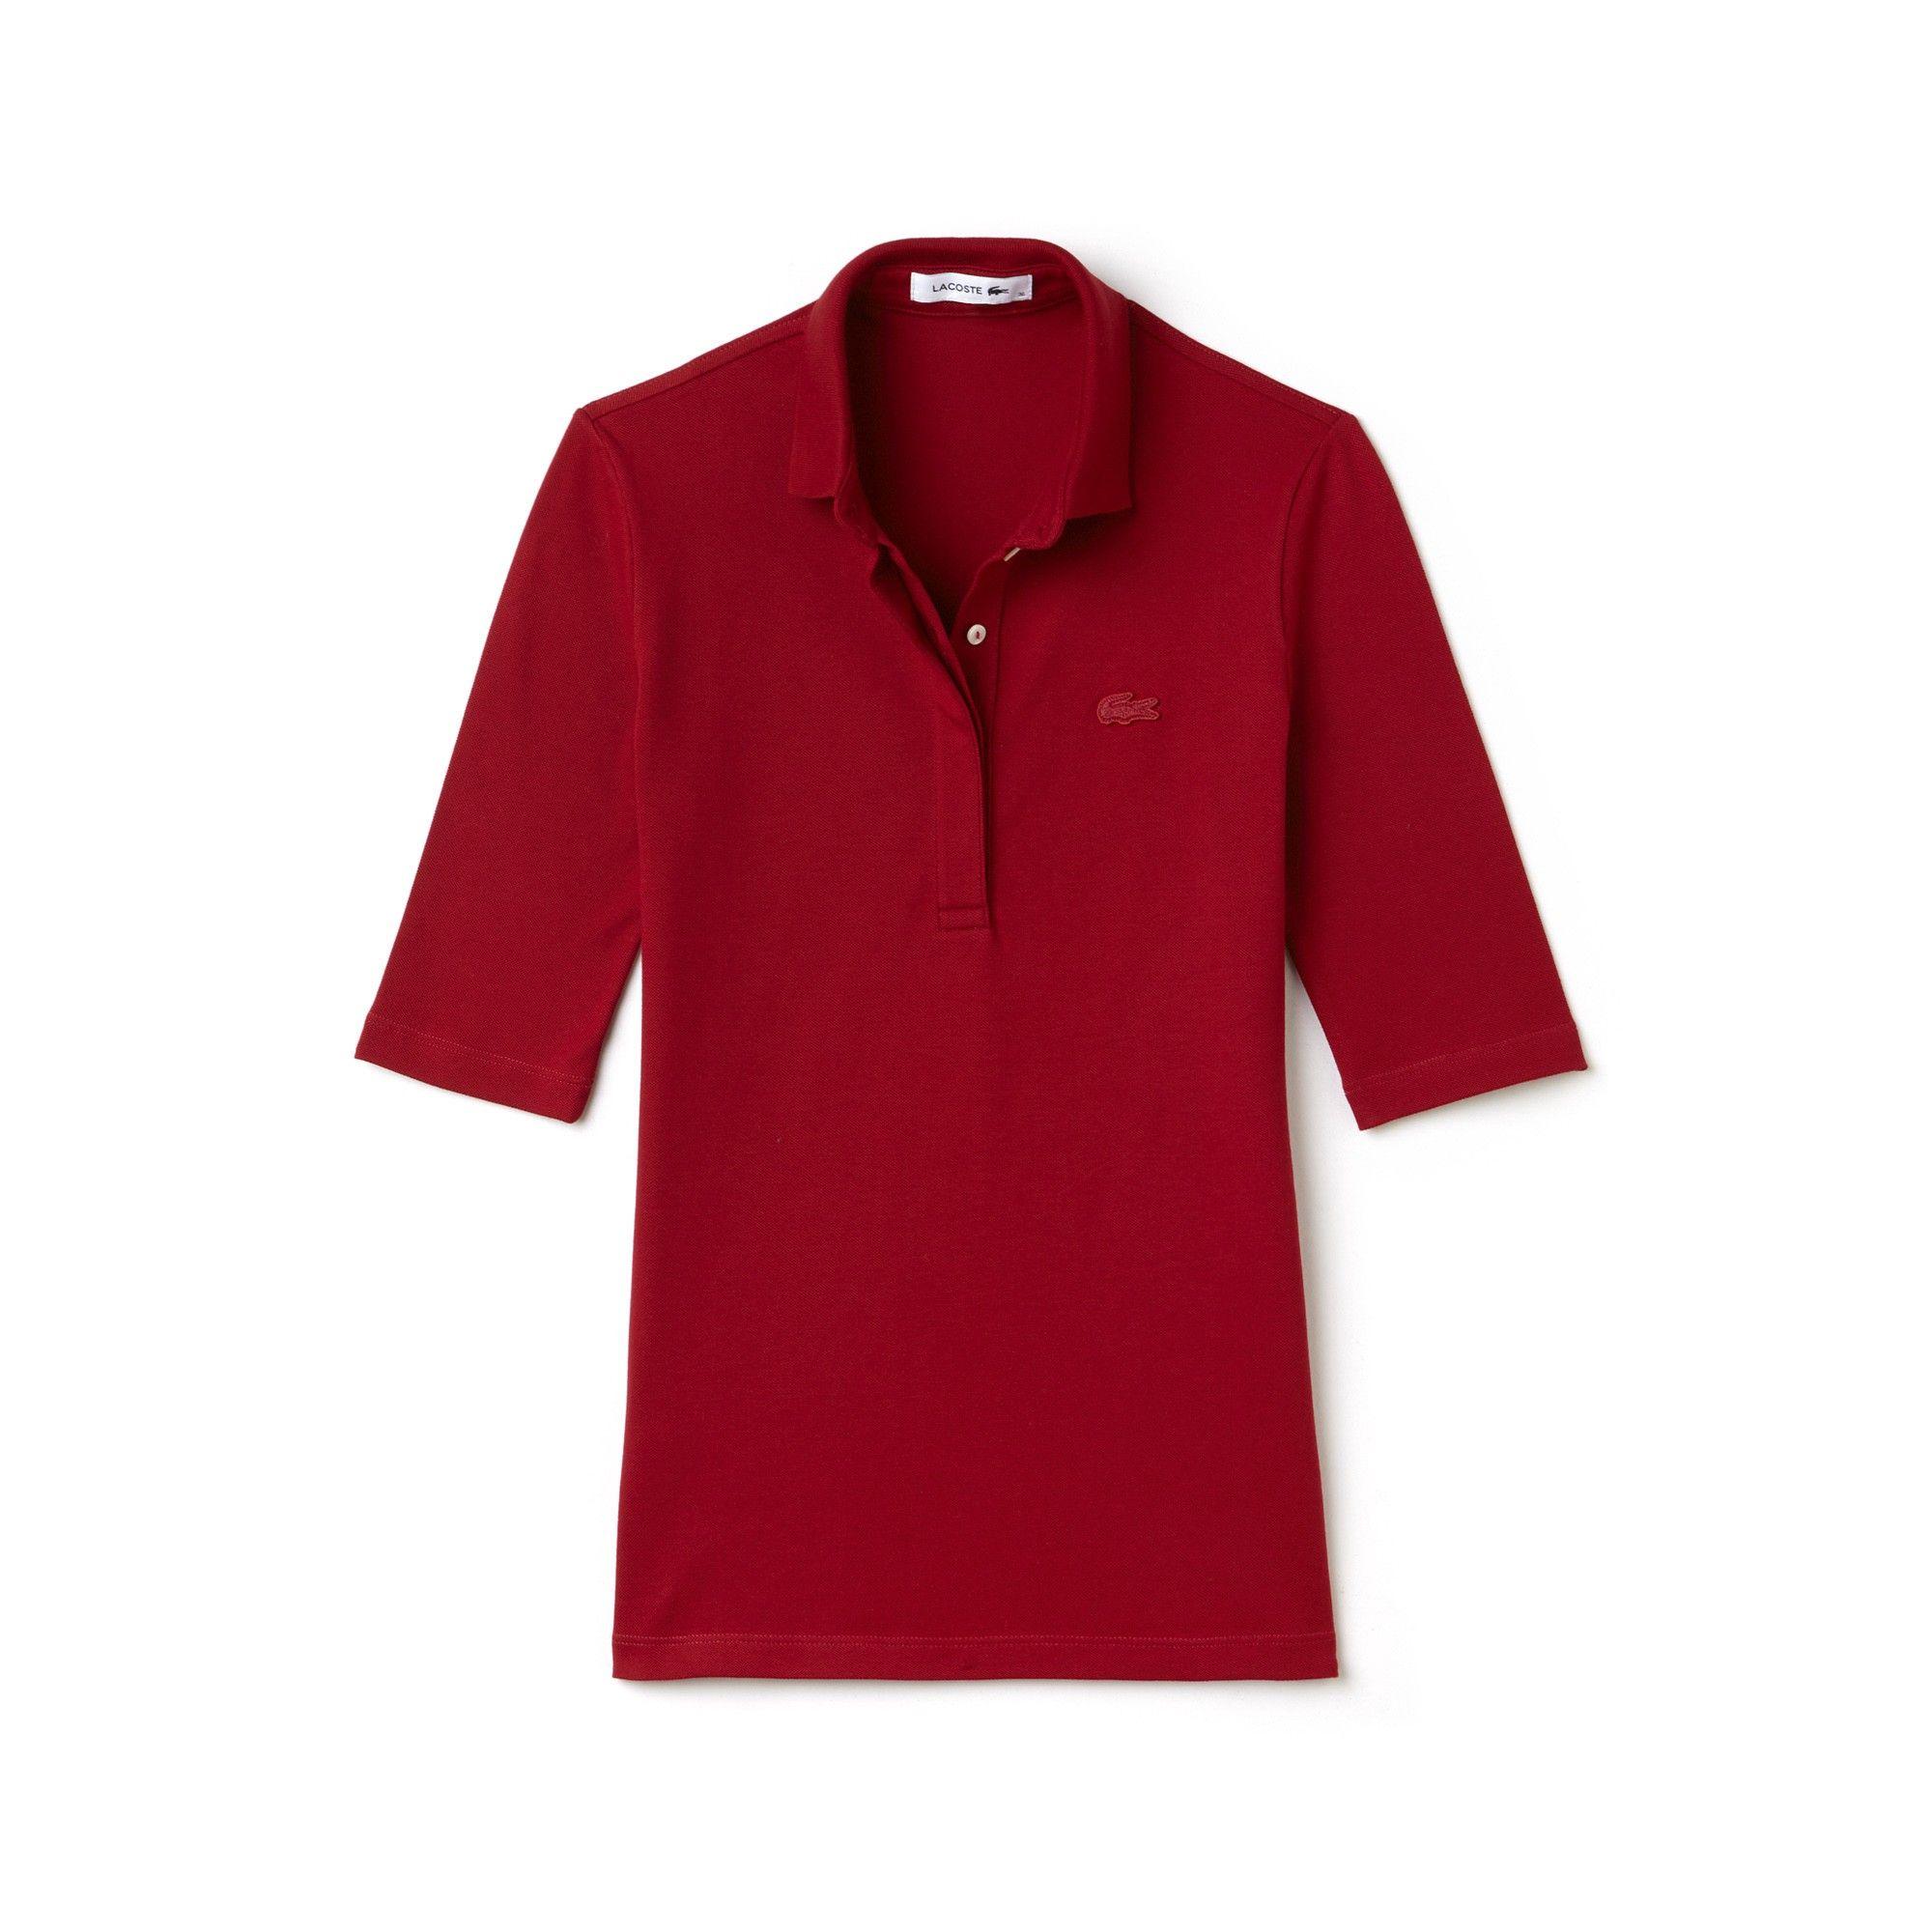 0f5017c97e Lacoste Women's Slim Fit Stretch Mini Piqué Polo Shirt - White Xxs ...